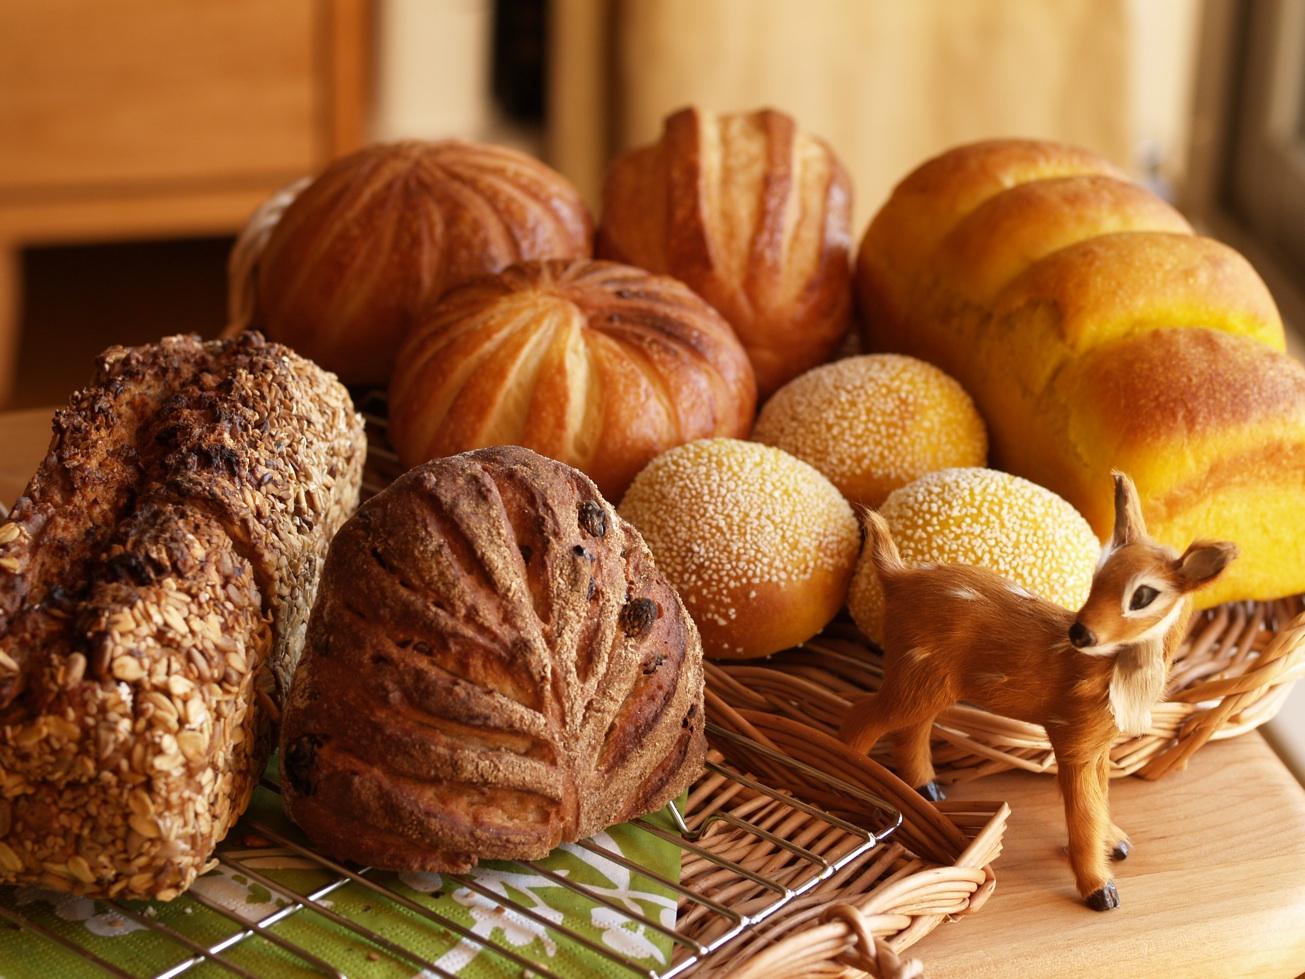 パンは太る?ダイエット中に知りたい、気になるパンの食べ方!のサムネイル画像